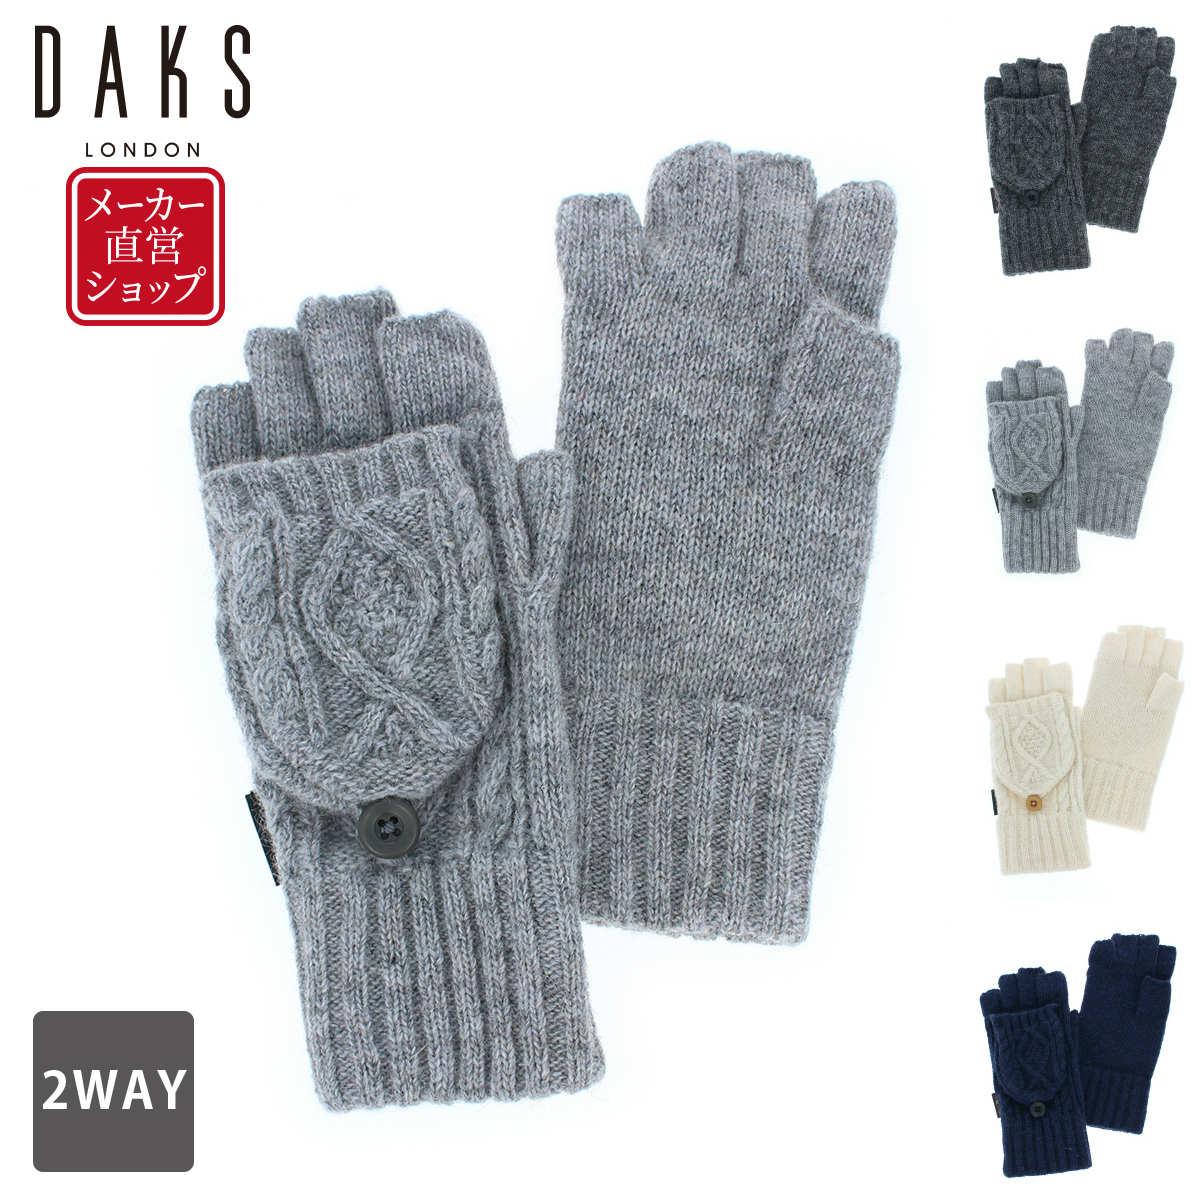 DAKS ダックス レディース 2WAYニット手袋 フード付き ミトン 指切り 手袋 スマホ タッチパネル対応 アラン編み 秋冬 防寒 ほっこり あったか